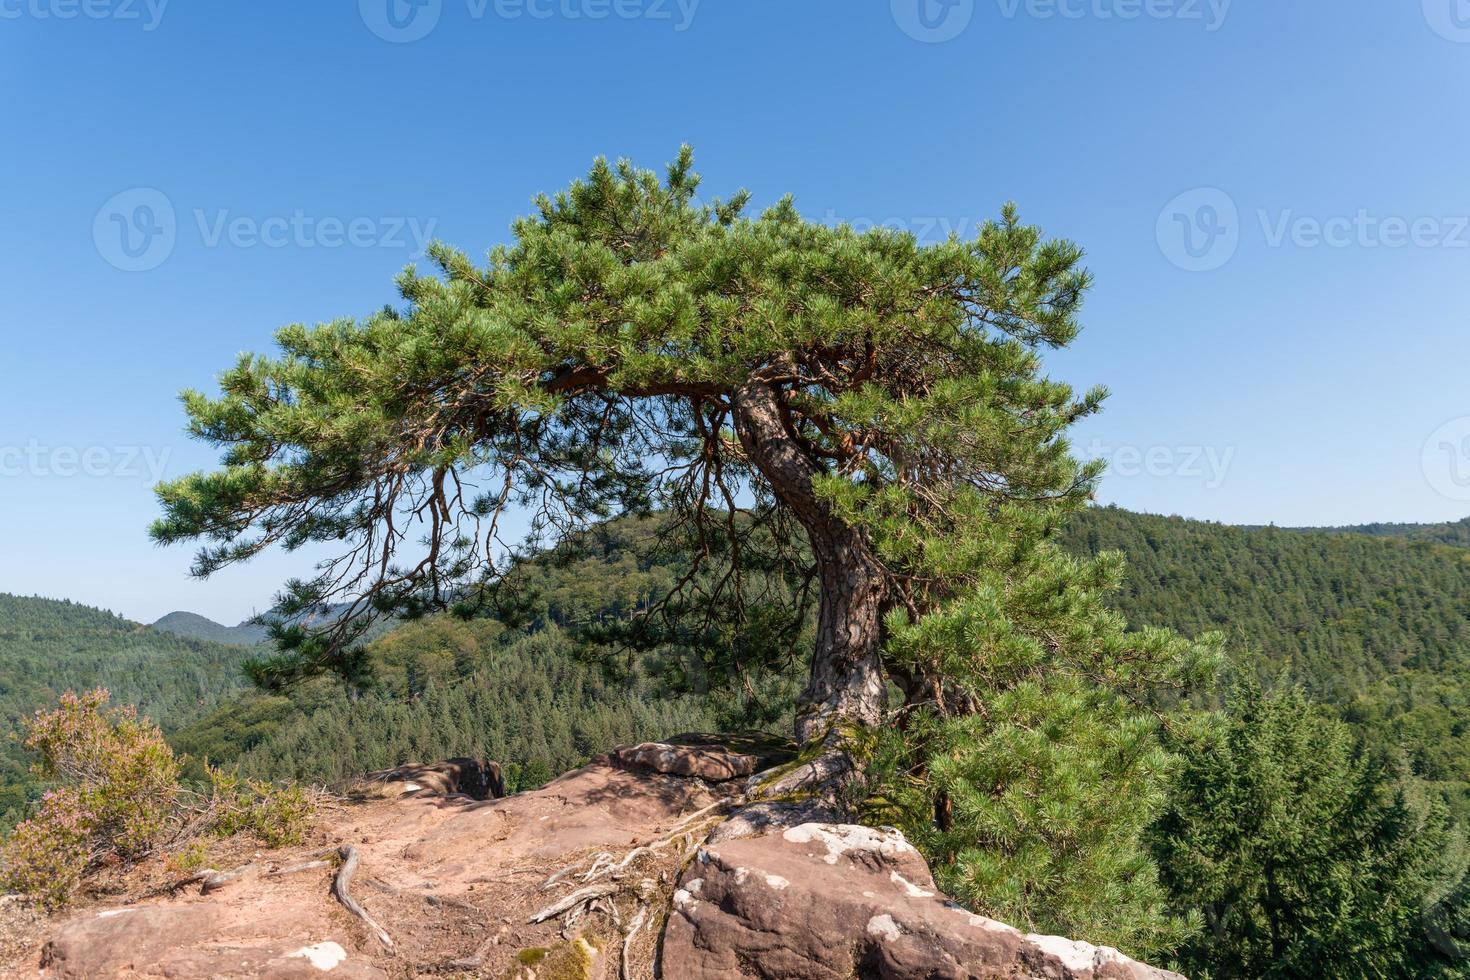 seul pin estropié se dresse au sommet d'une montagne sur des rochers photo